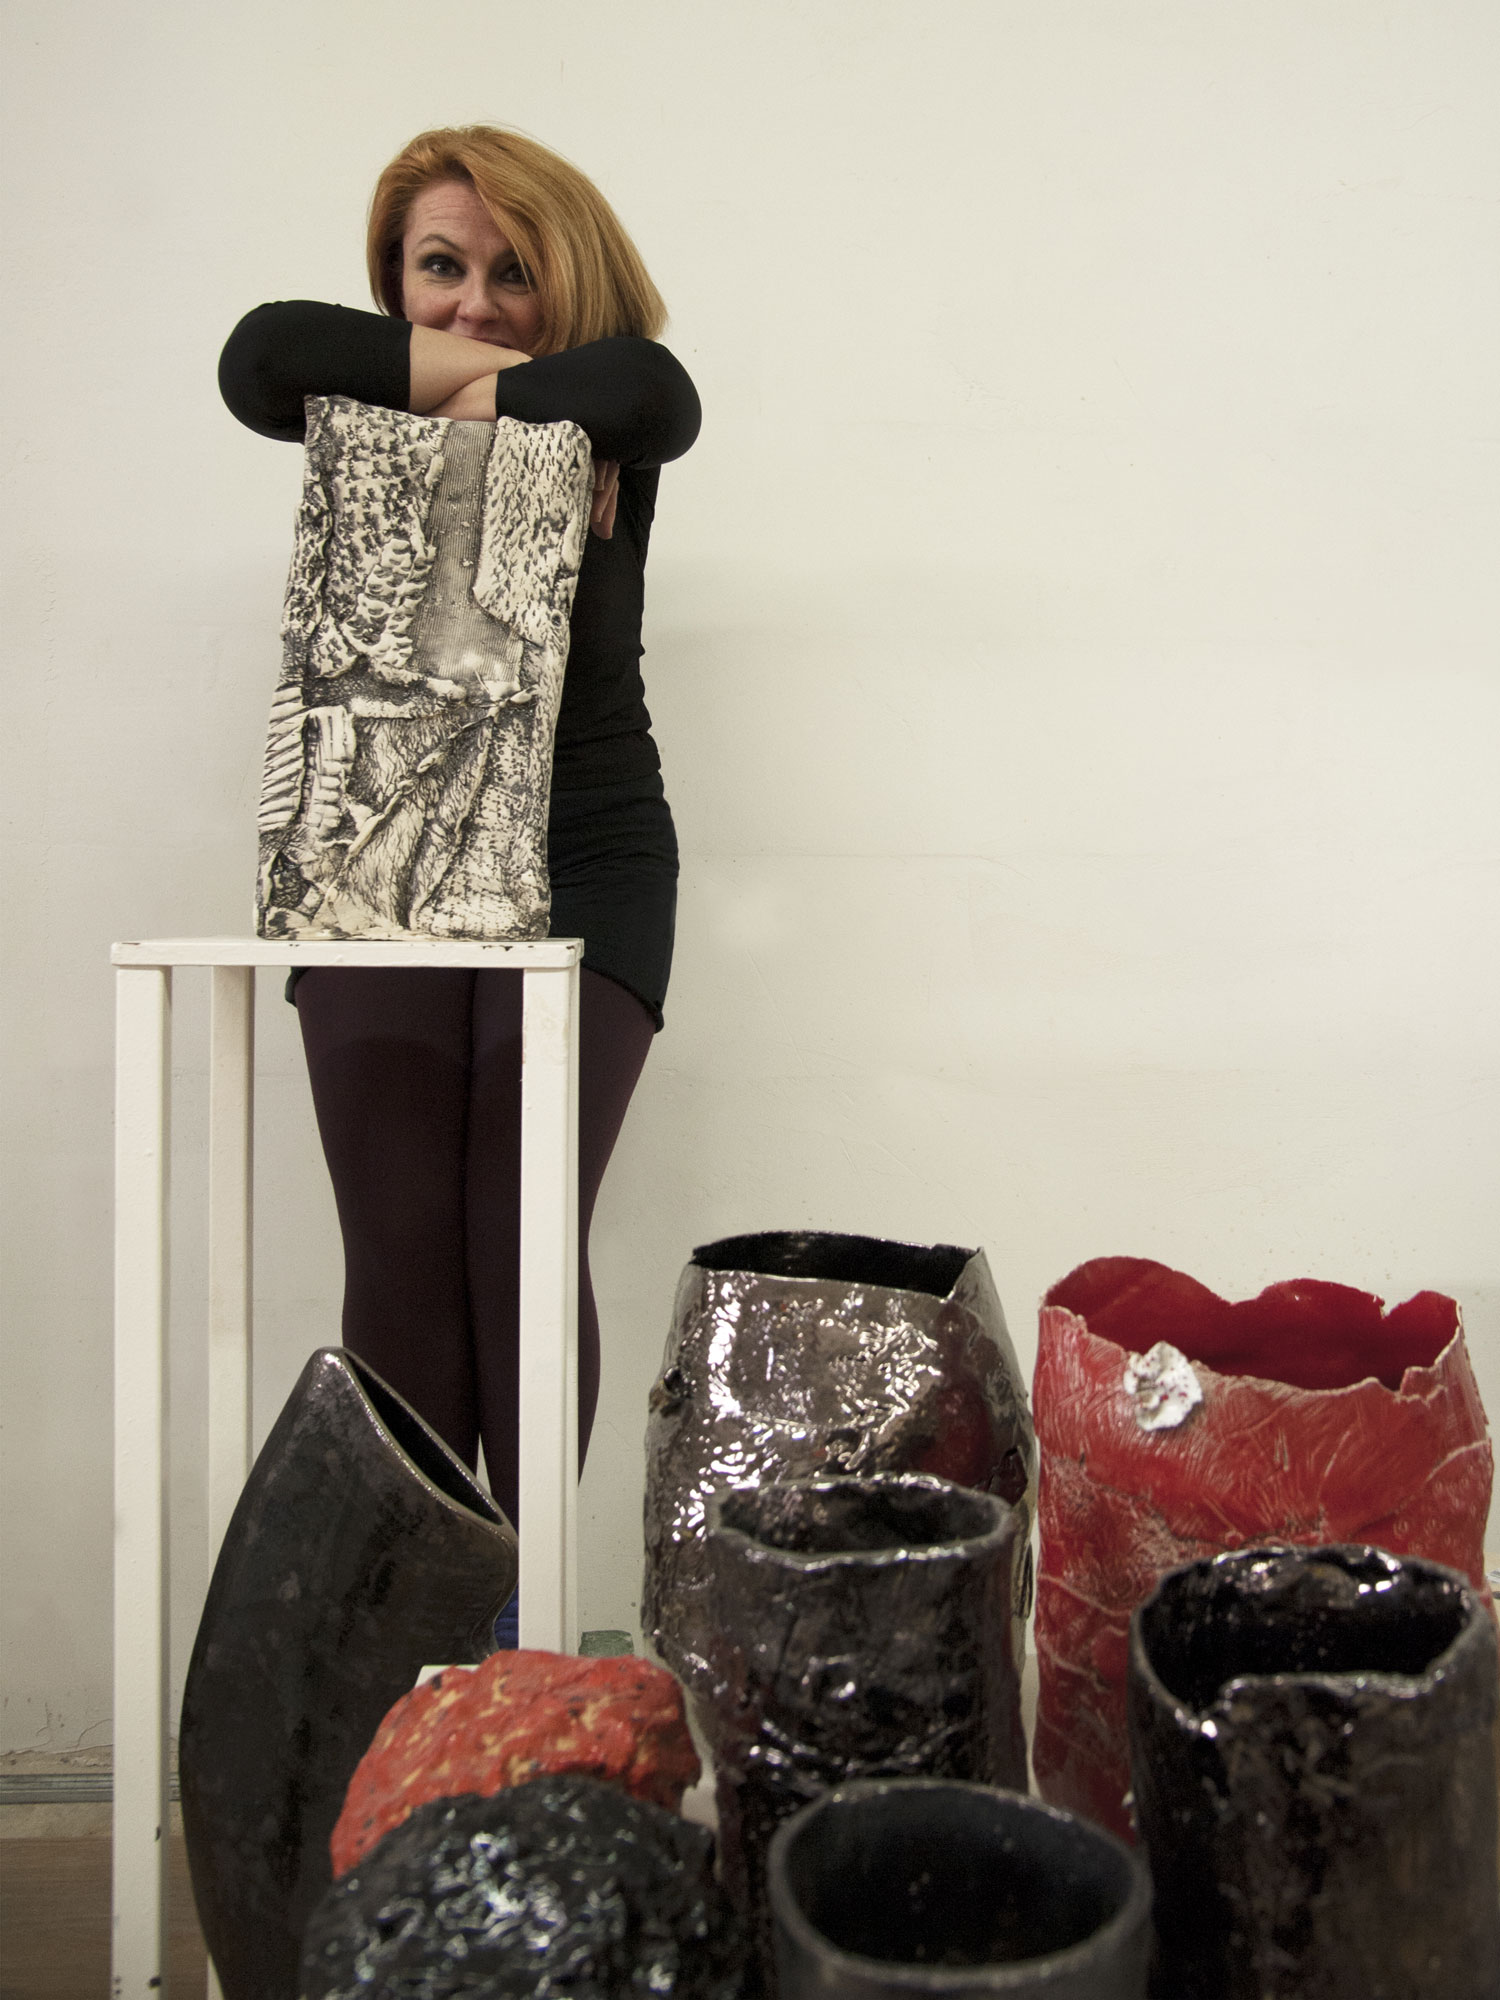 Esposizione di vasi in ceramica nello showroom di Cascina Orologio